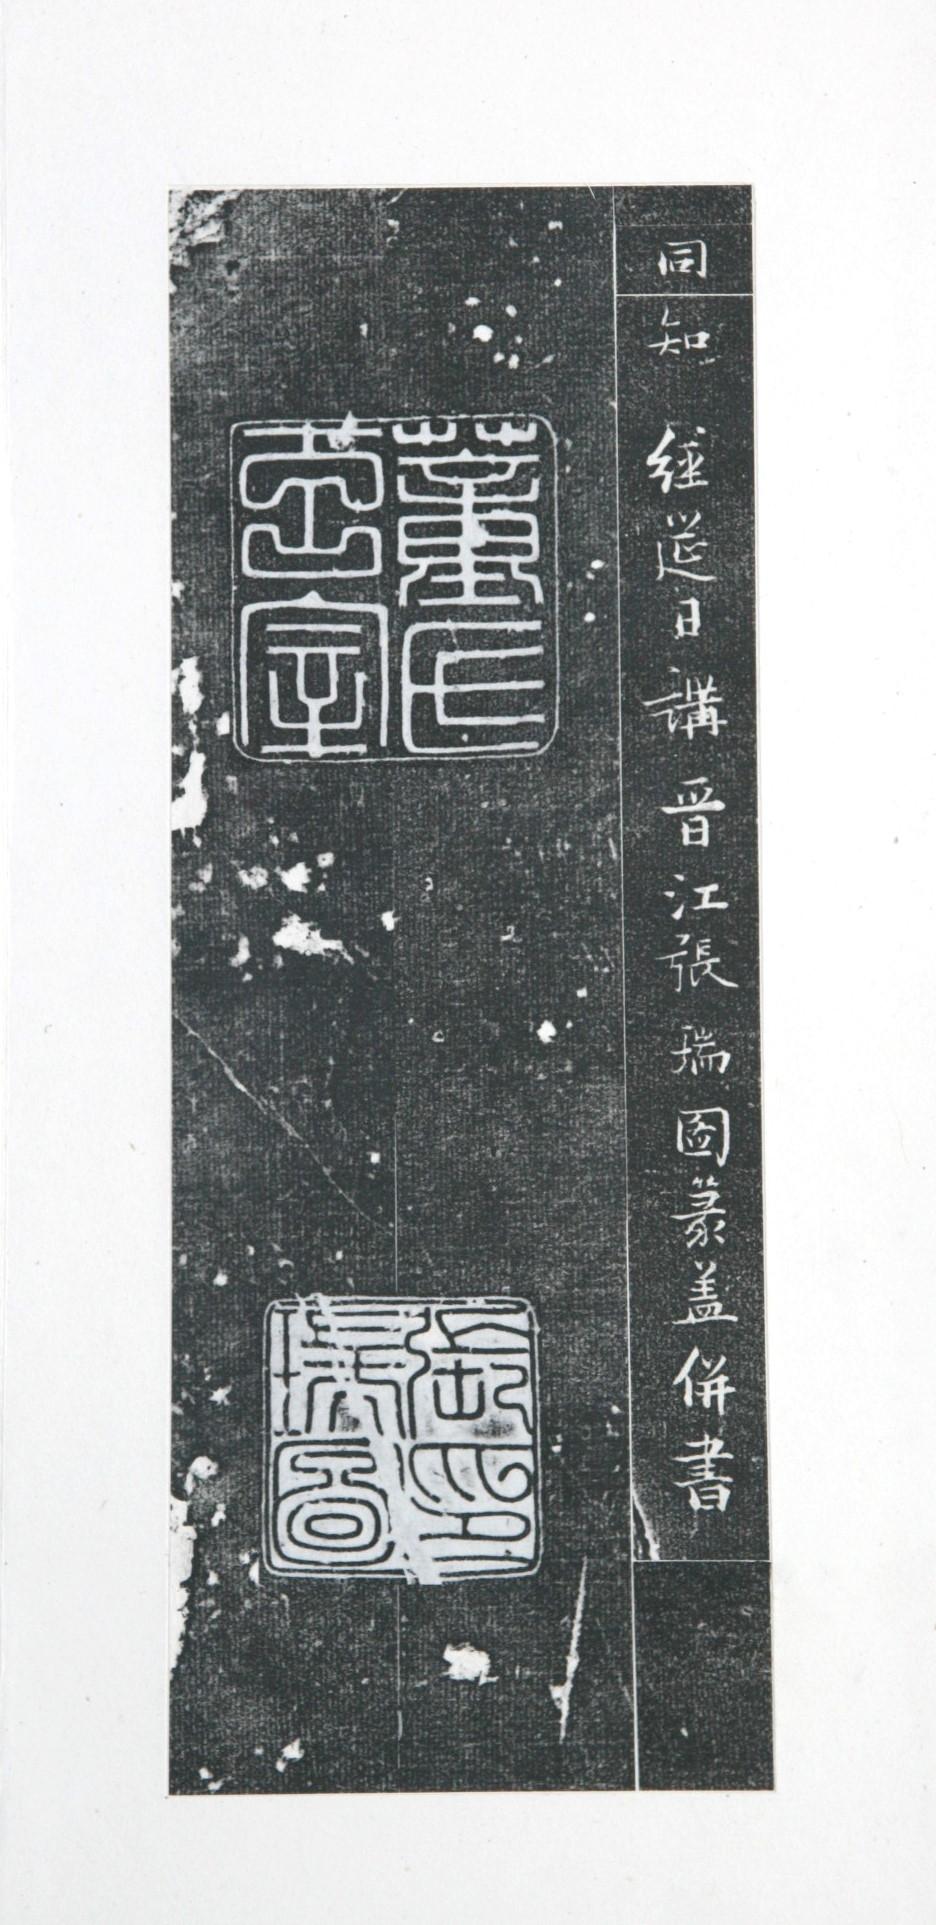 王的艺术写法_张瑞图-明代书法-书法空间——永不落幕的书法博物馆